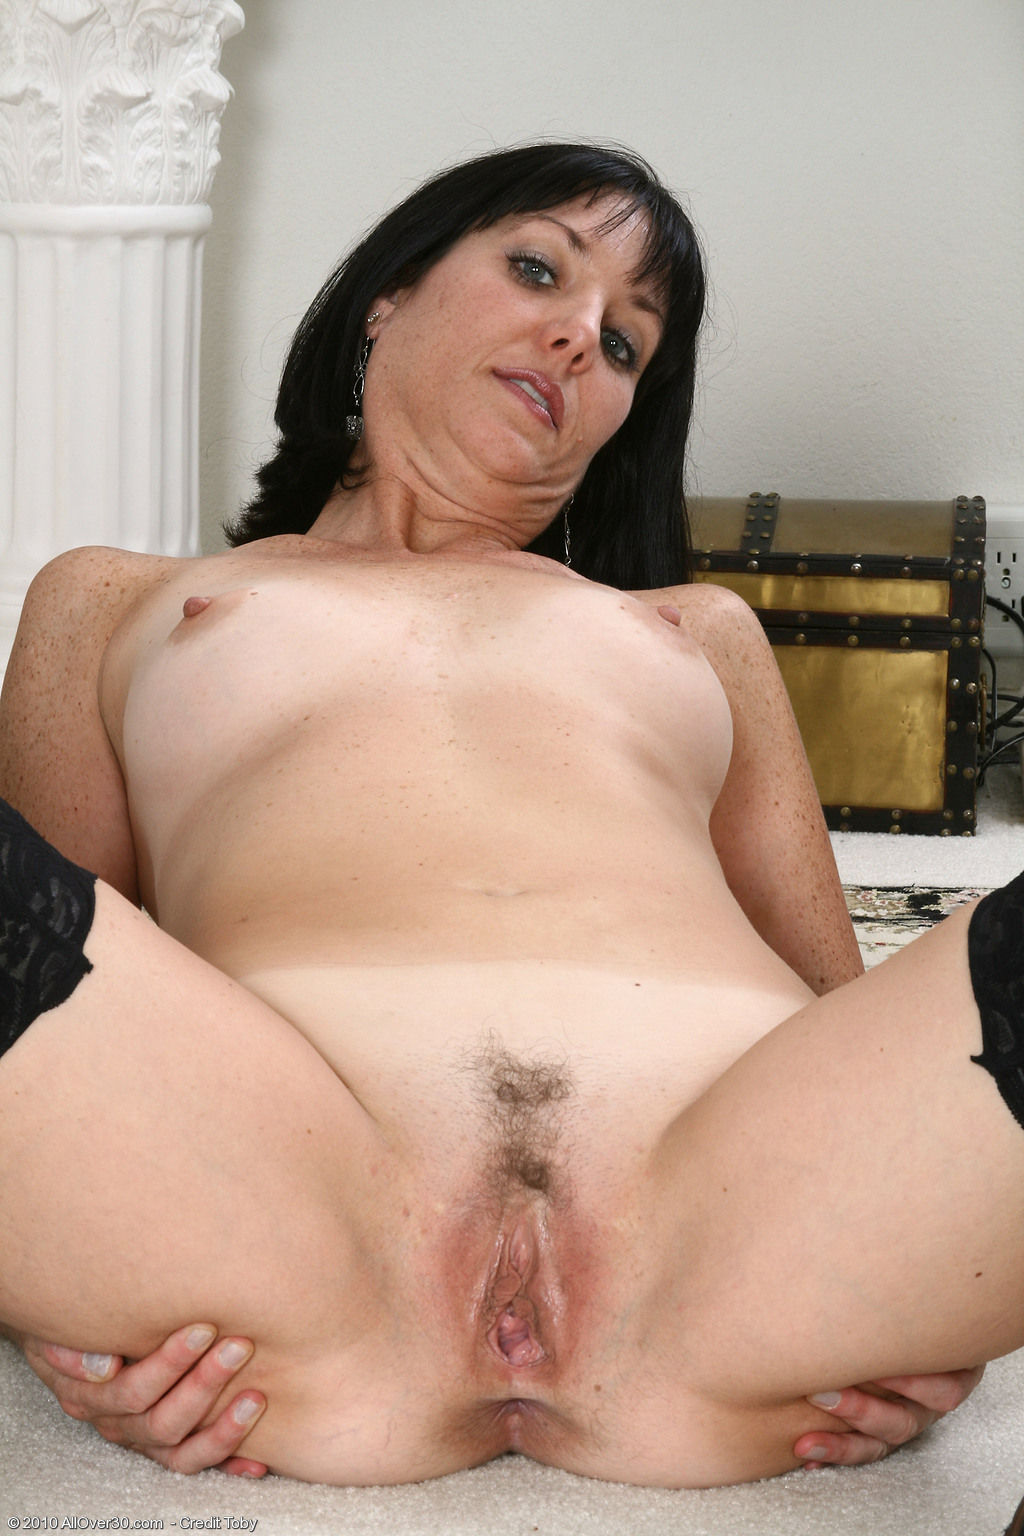 golie-zrelie-vagini